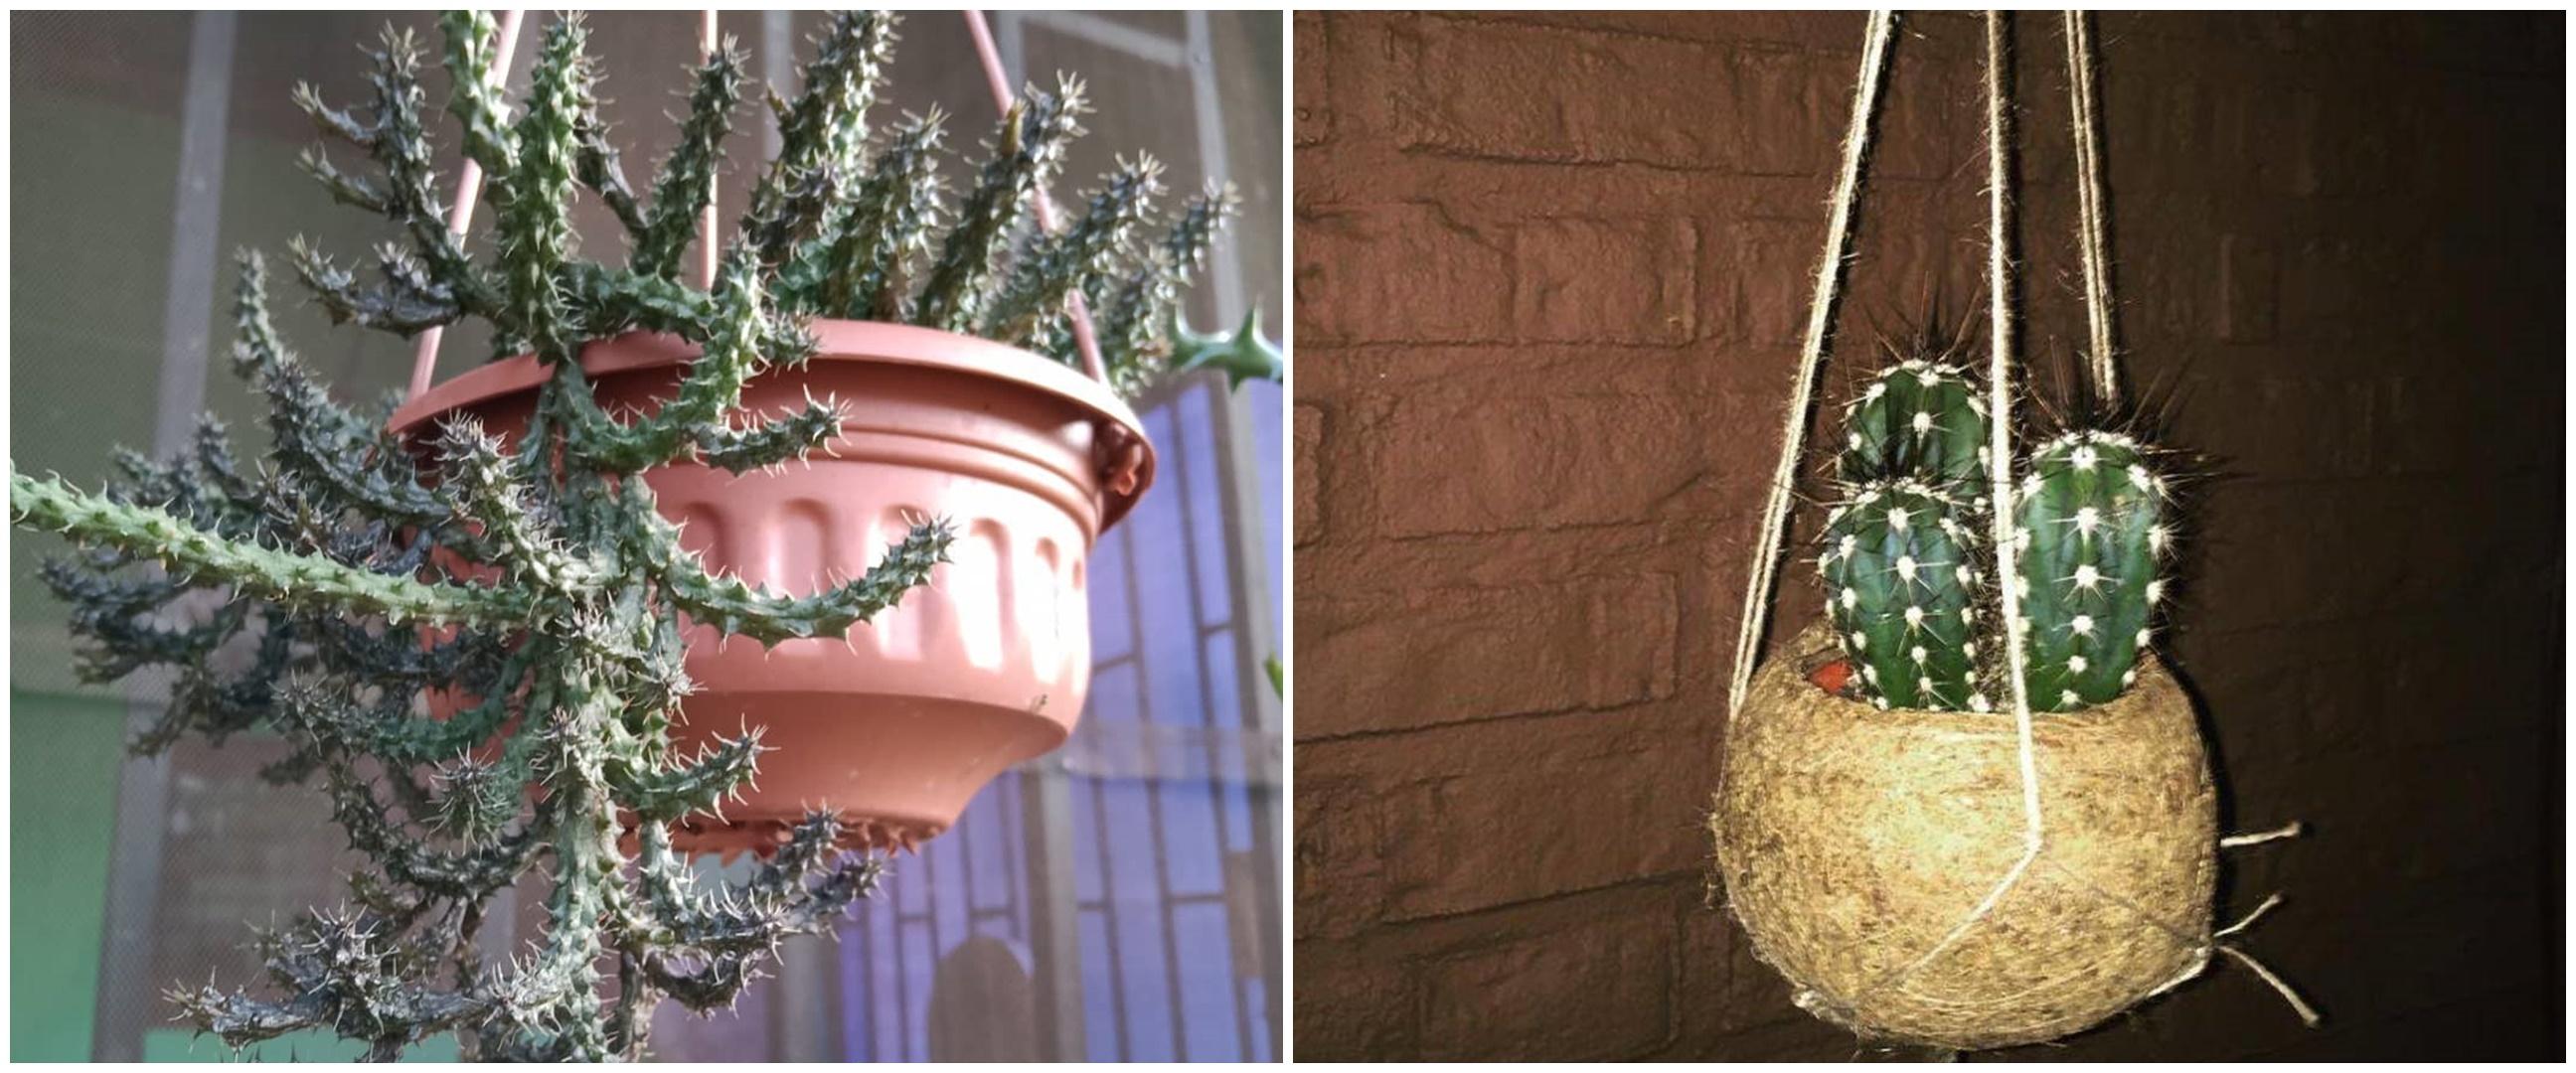 10 Tanaman hias gantung kaktus, populer dan mudah dirawat